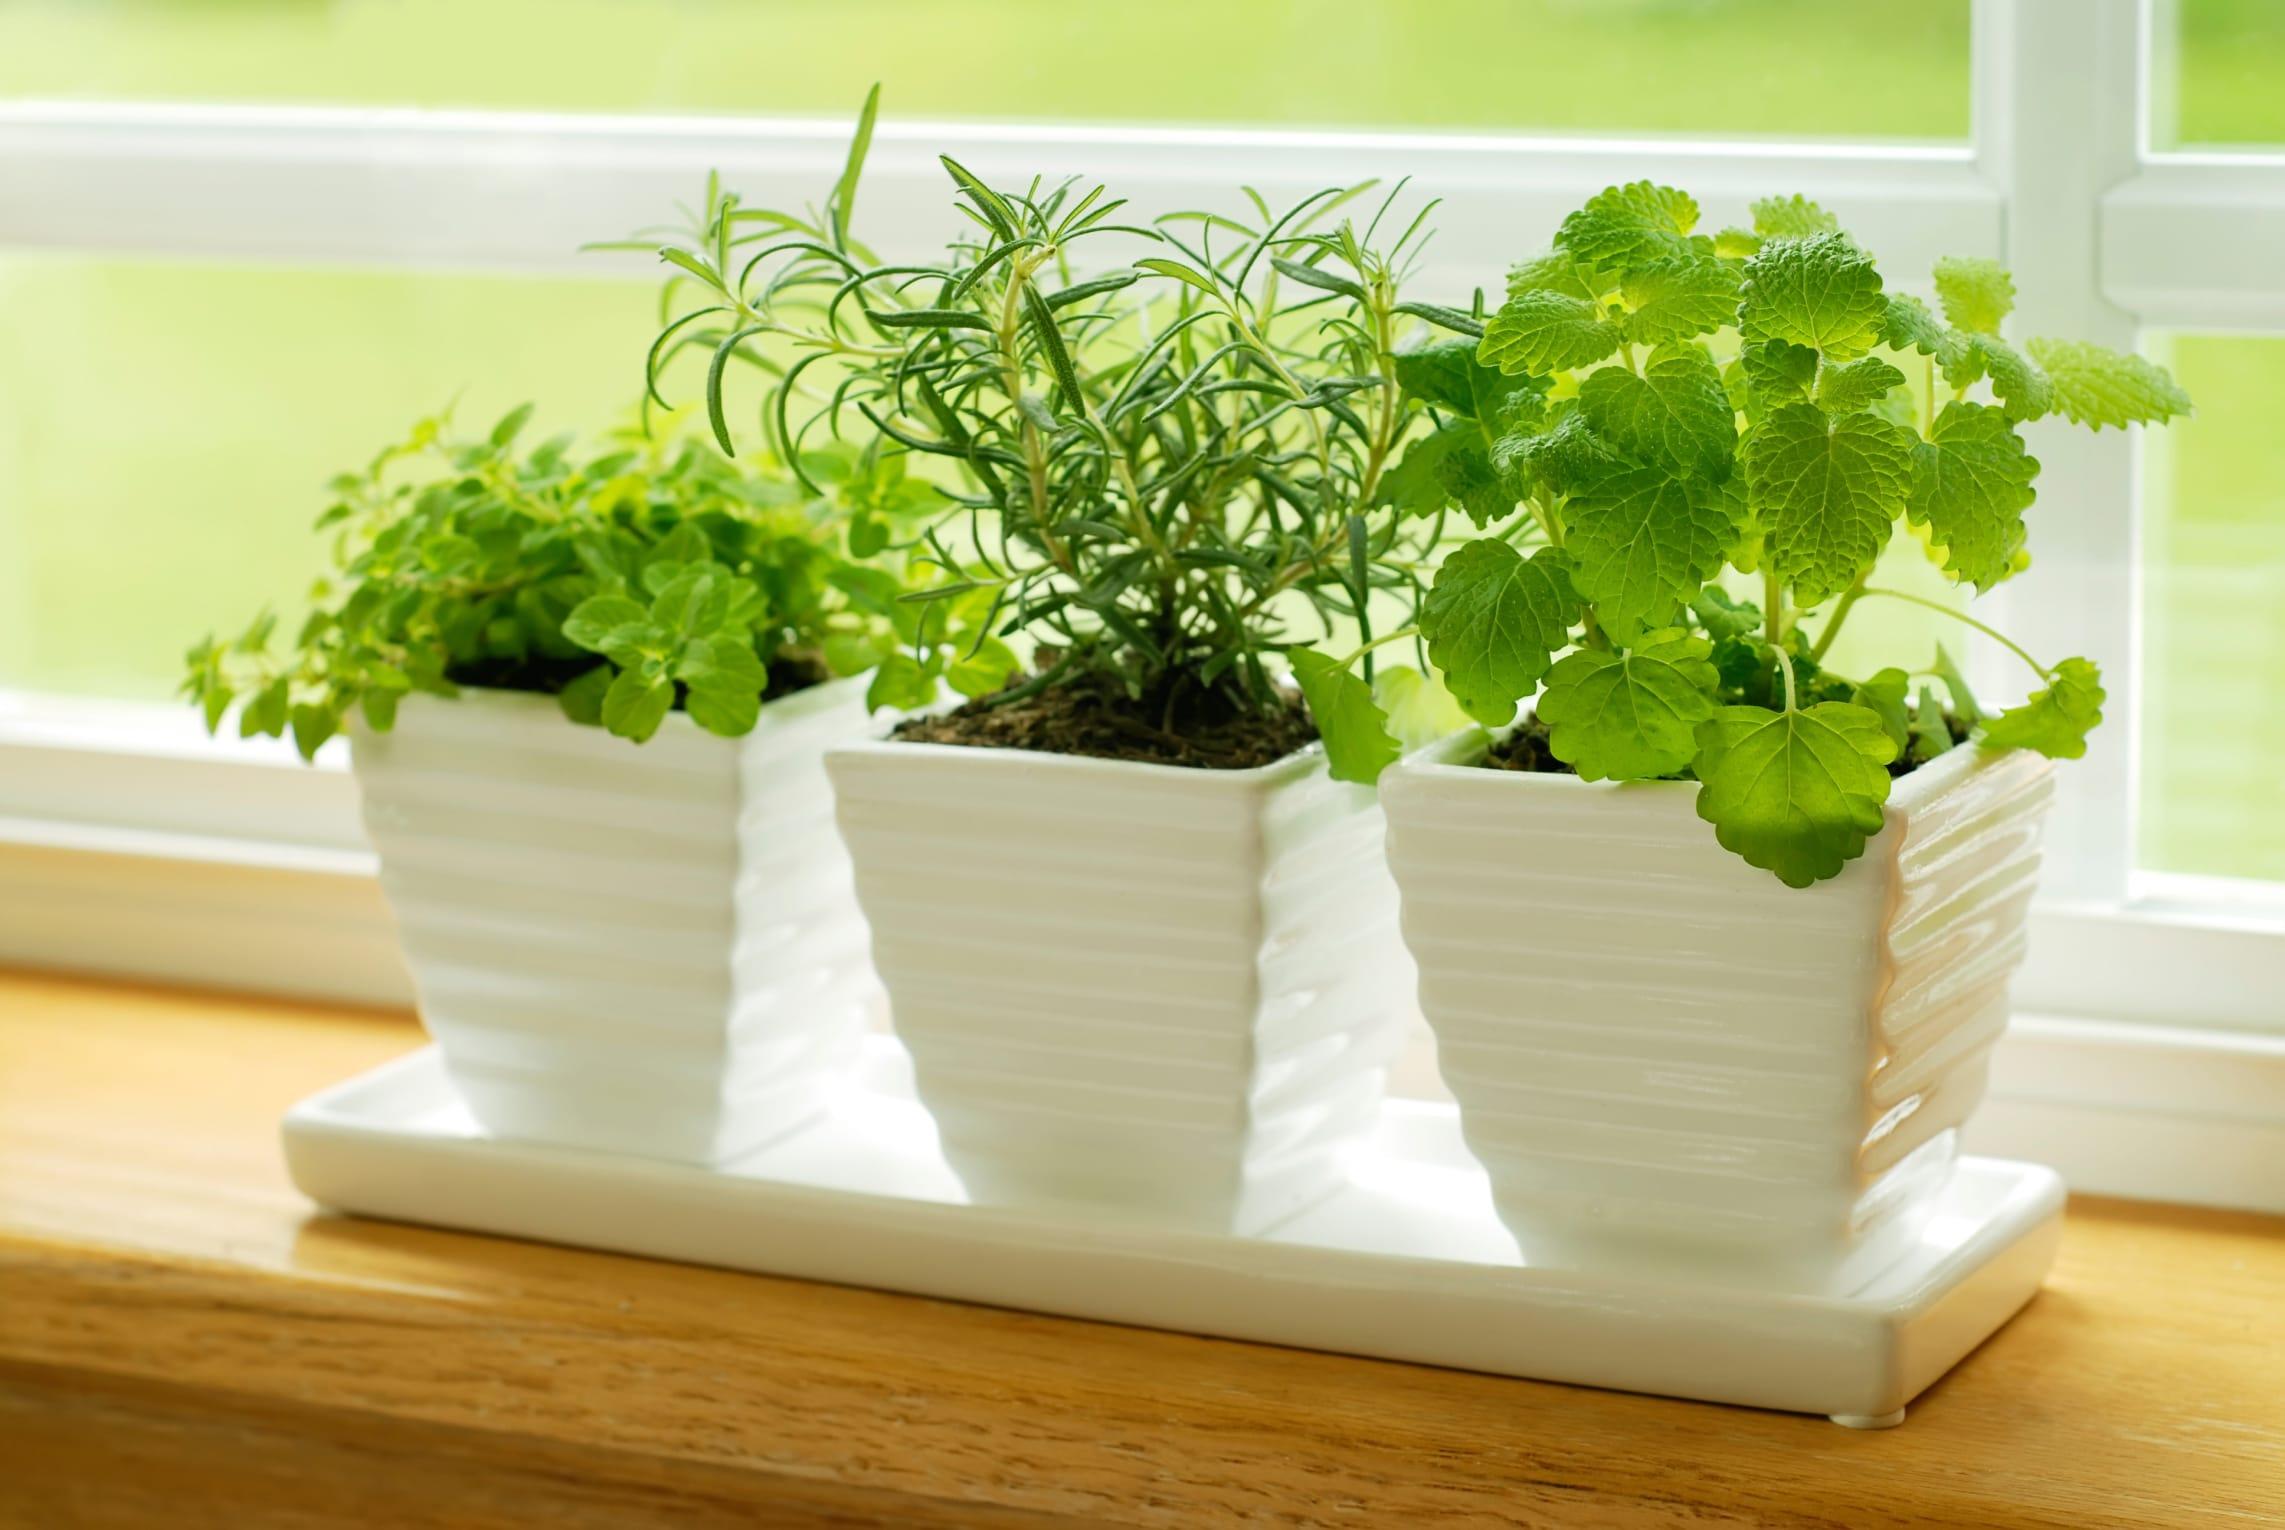 Come piantare piante aromatiche a casa